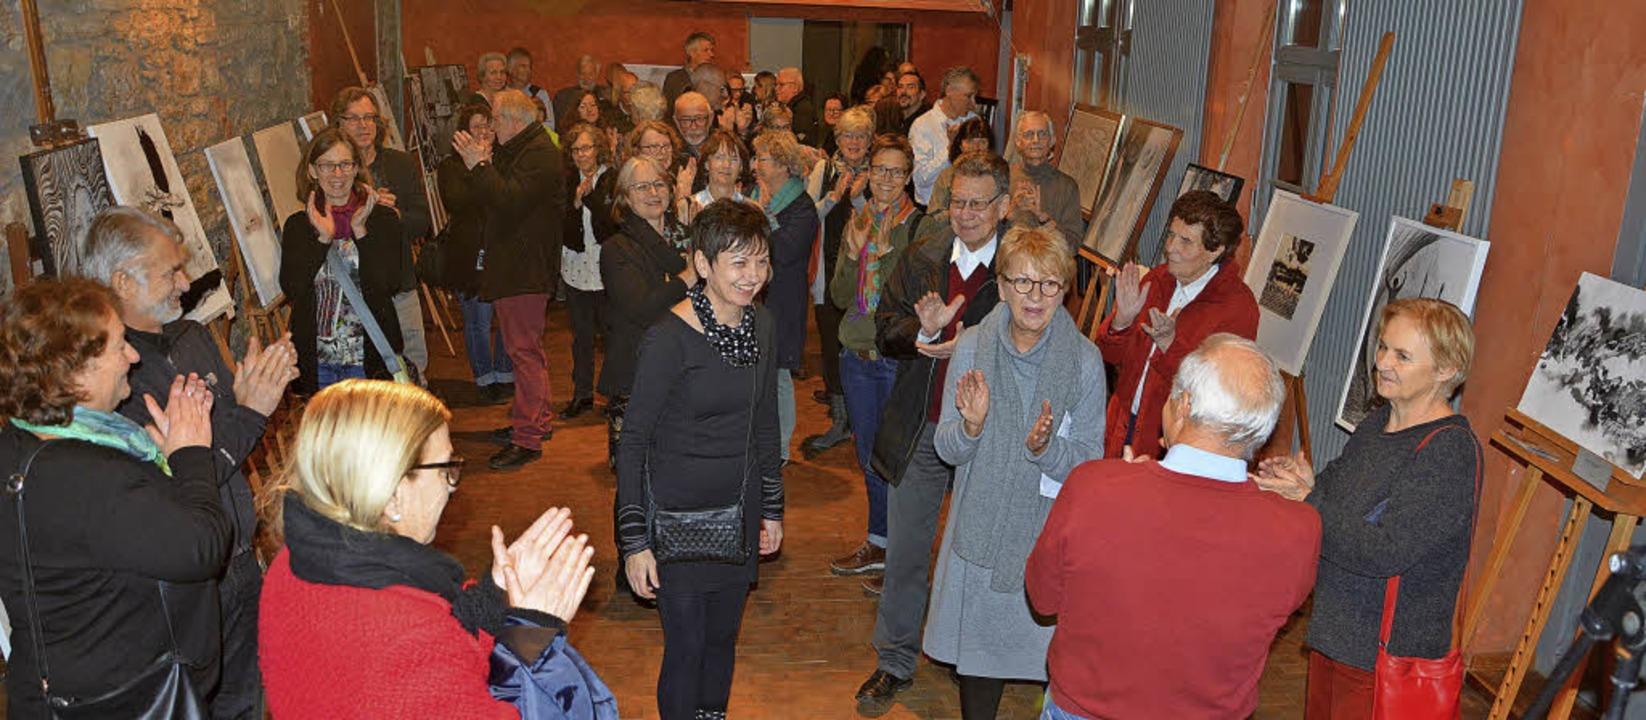 Die Winterausstellung des Vereins Bildende Kunst zog zahlreiche Besucher an.   | Foto: Barbara Ruda